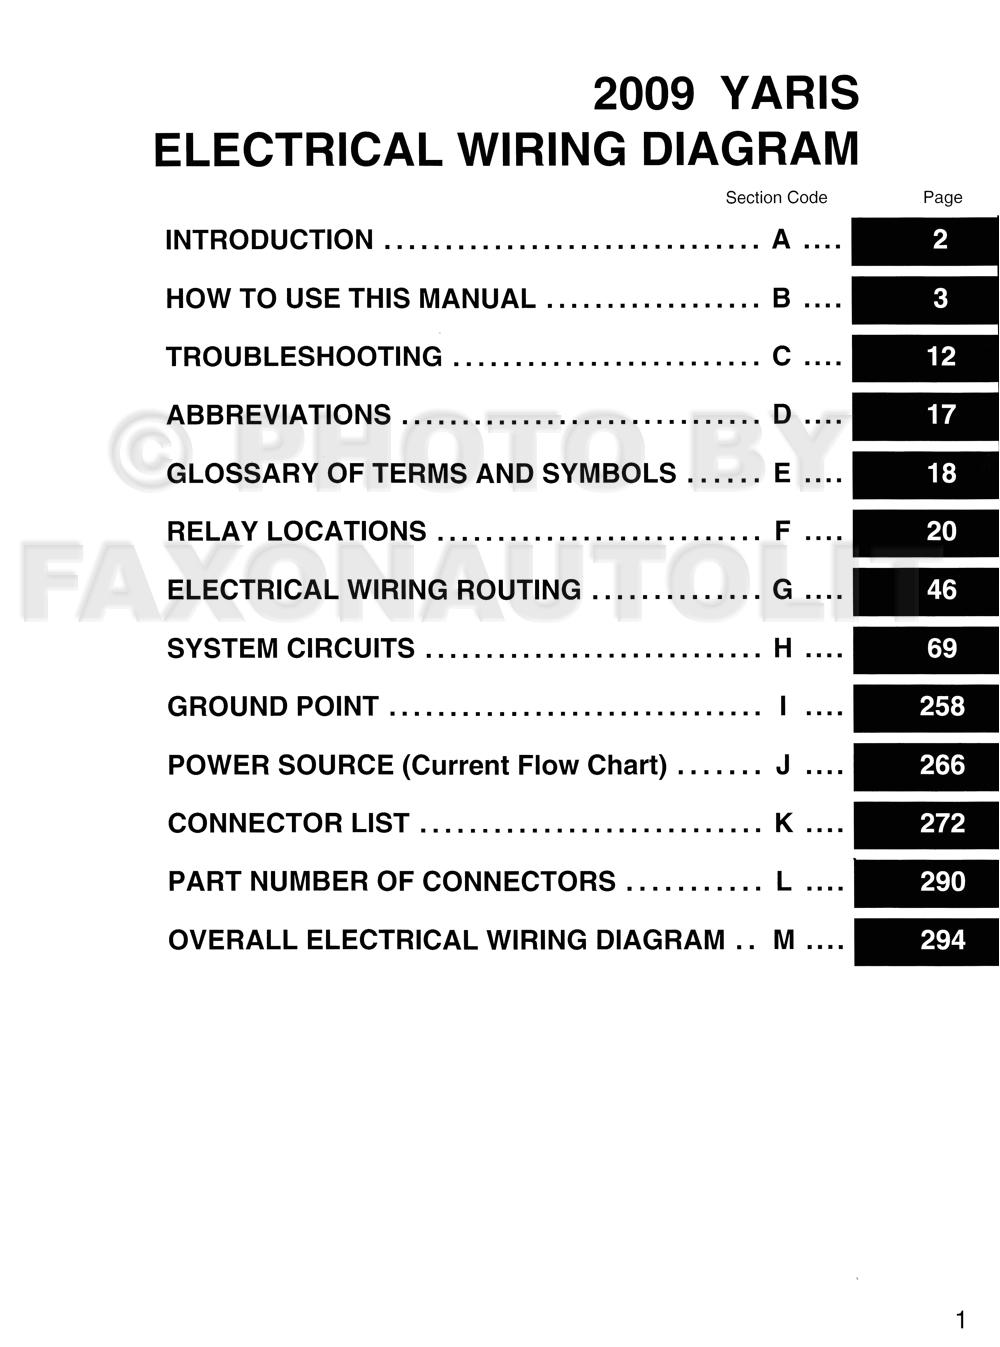 2009 toyota Yaris Wiring Diagram Pdf 2009 toyota Yaris Wiring Diagram Manual original